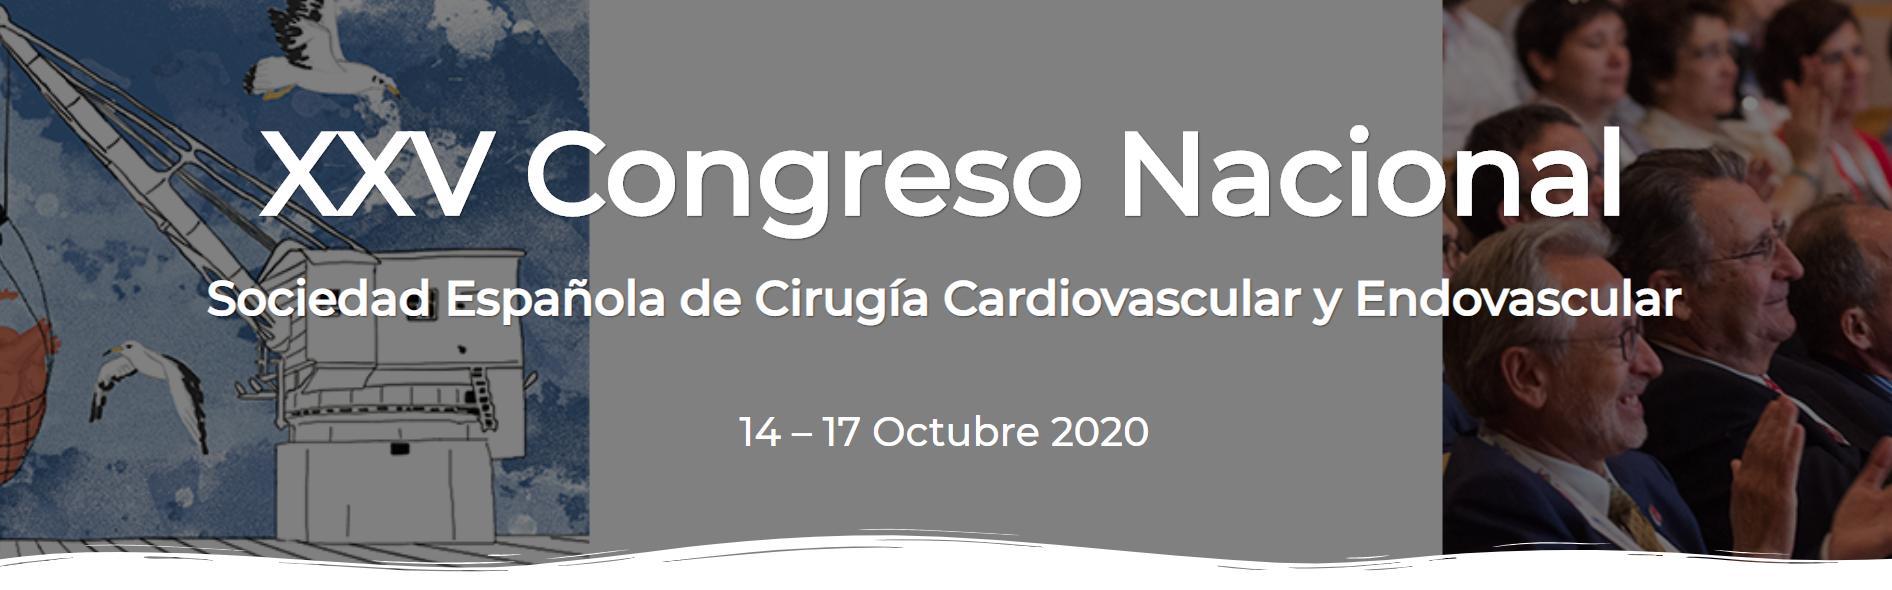 XXV Congreso Nacional de la Sociedad Española de Cirugía Cardiovascular y Endovascular (SECCE)